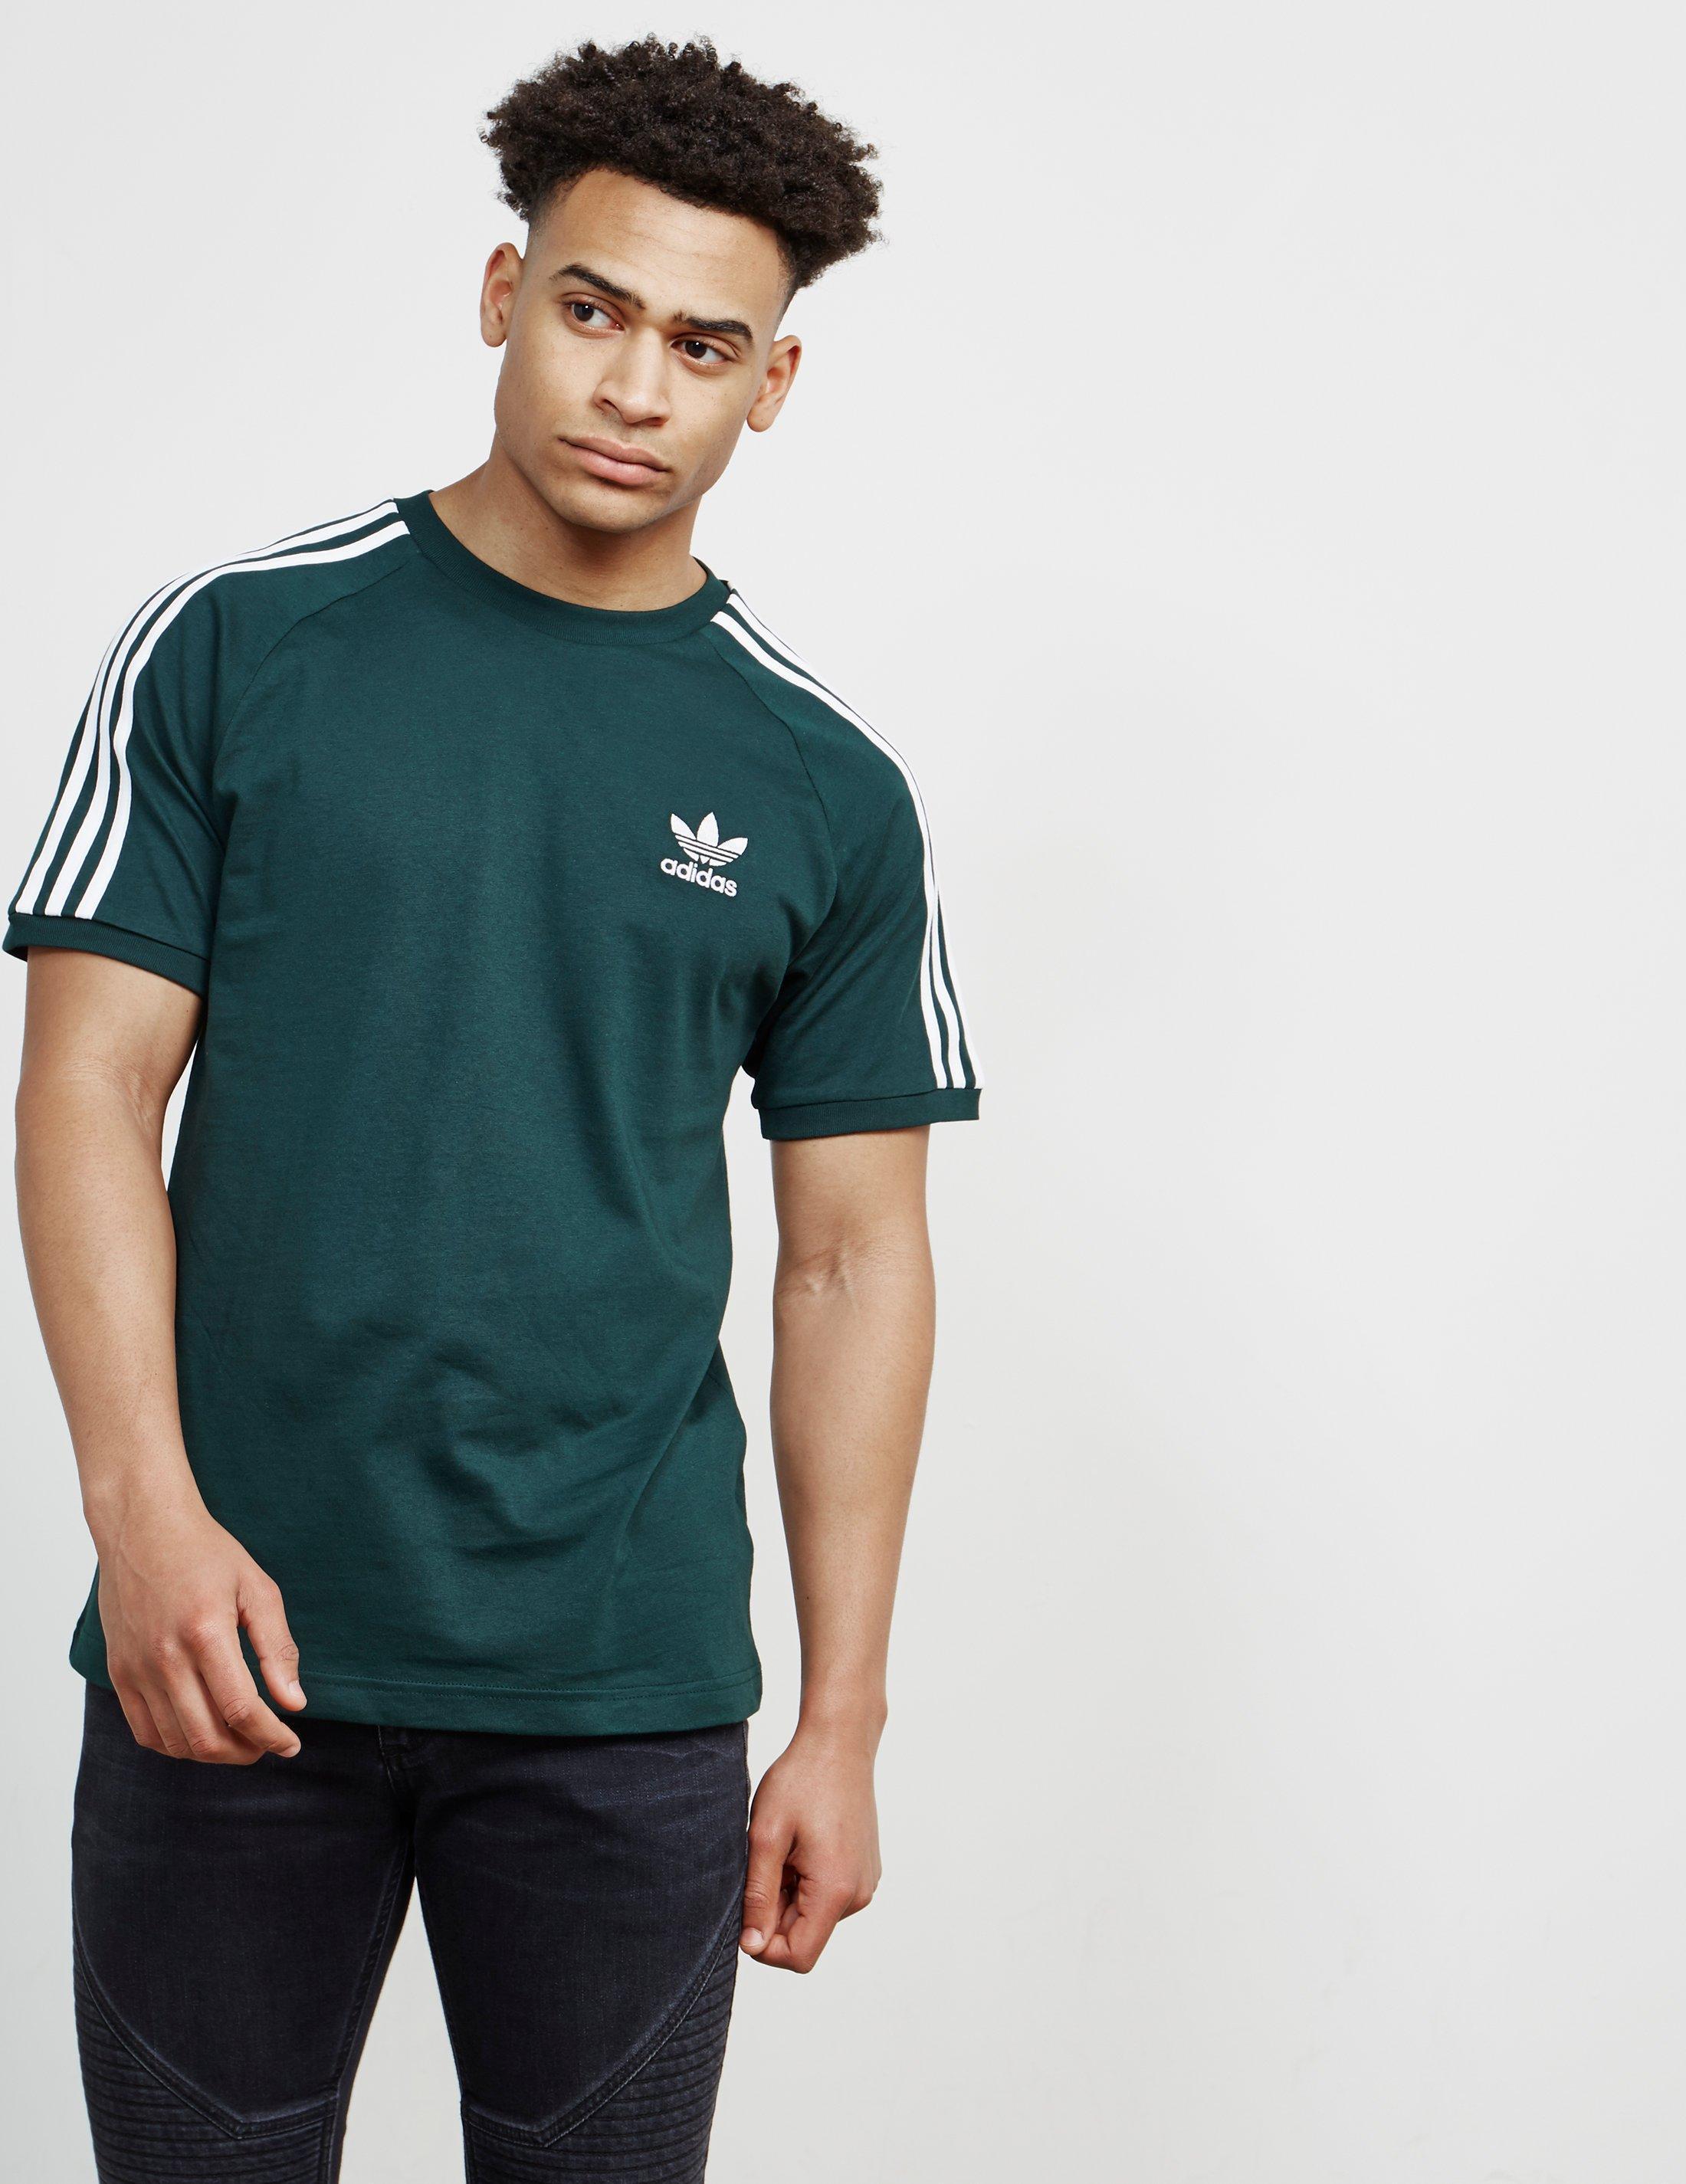 adidas t shirt 3 stripes